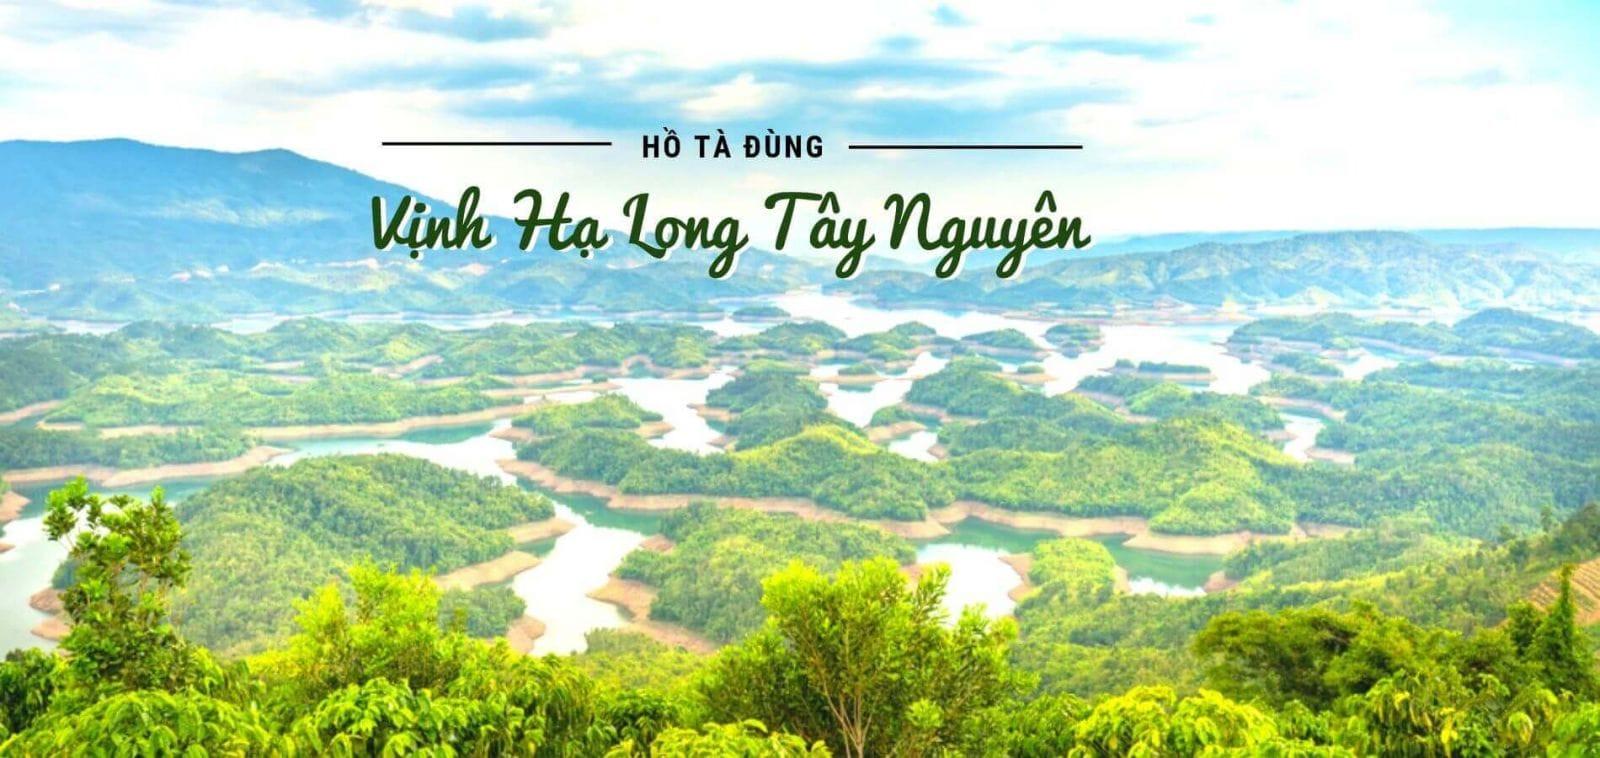 """Khám phá hồ Tà Đùng """"vịnh Hạ Long thu nhỏ"""" của Tây Nguyên"""